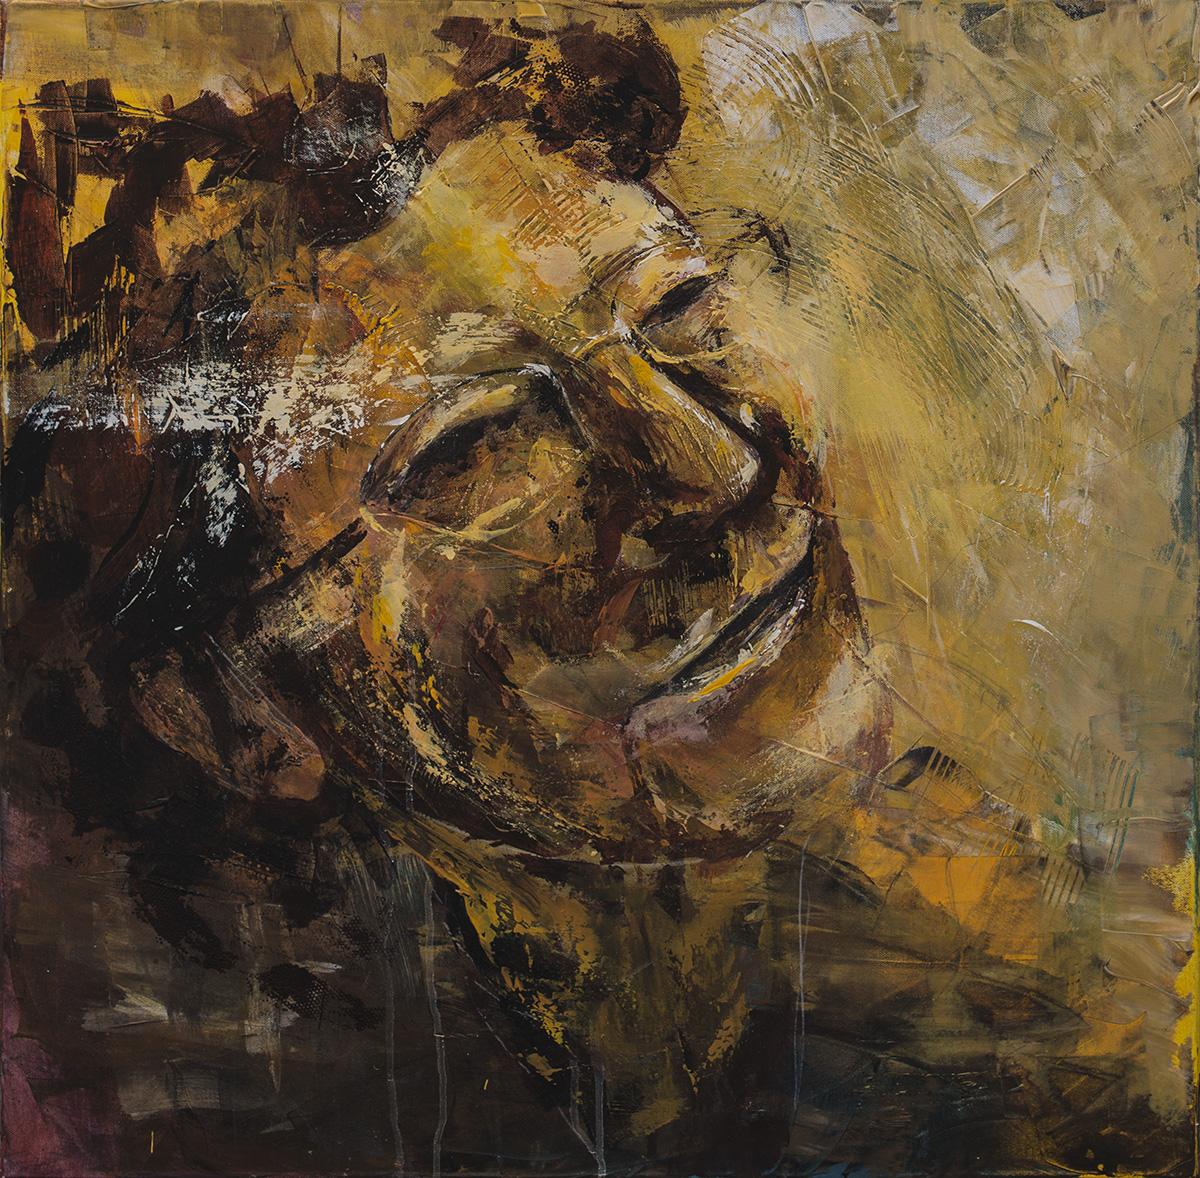 Daniel Thouw